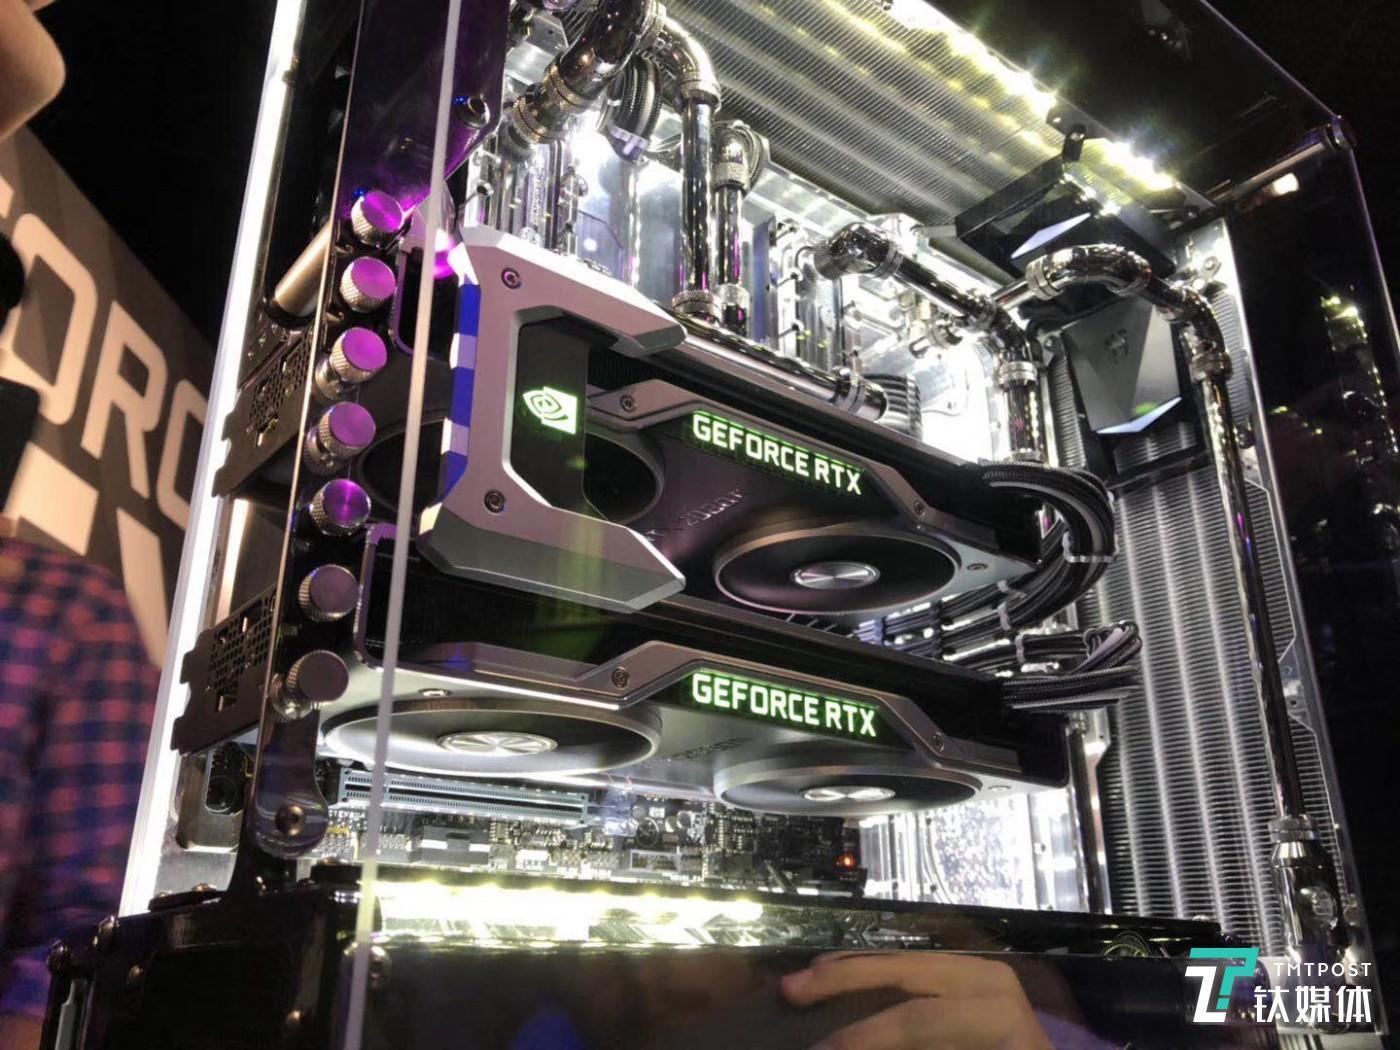 两块SLI的RTX 2080 Ti显卡